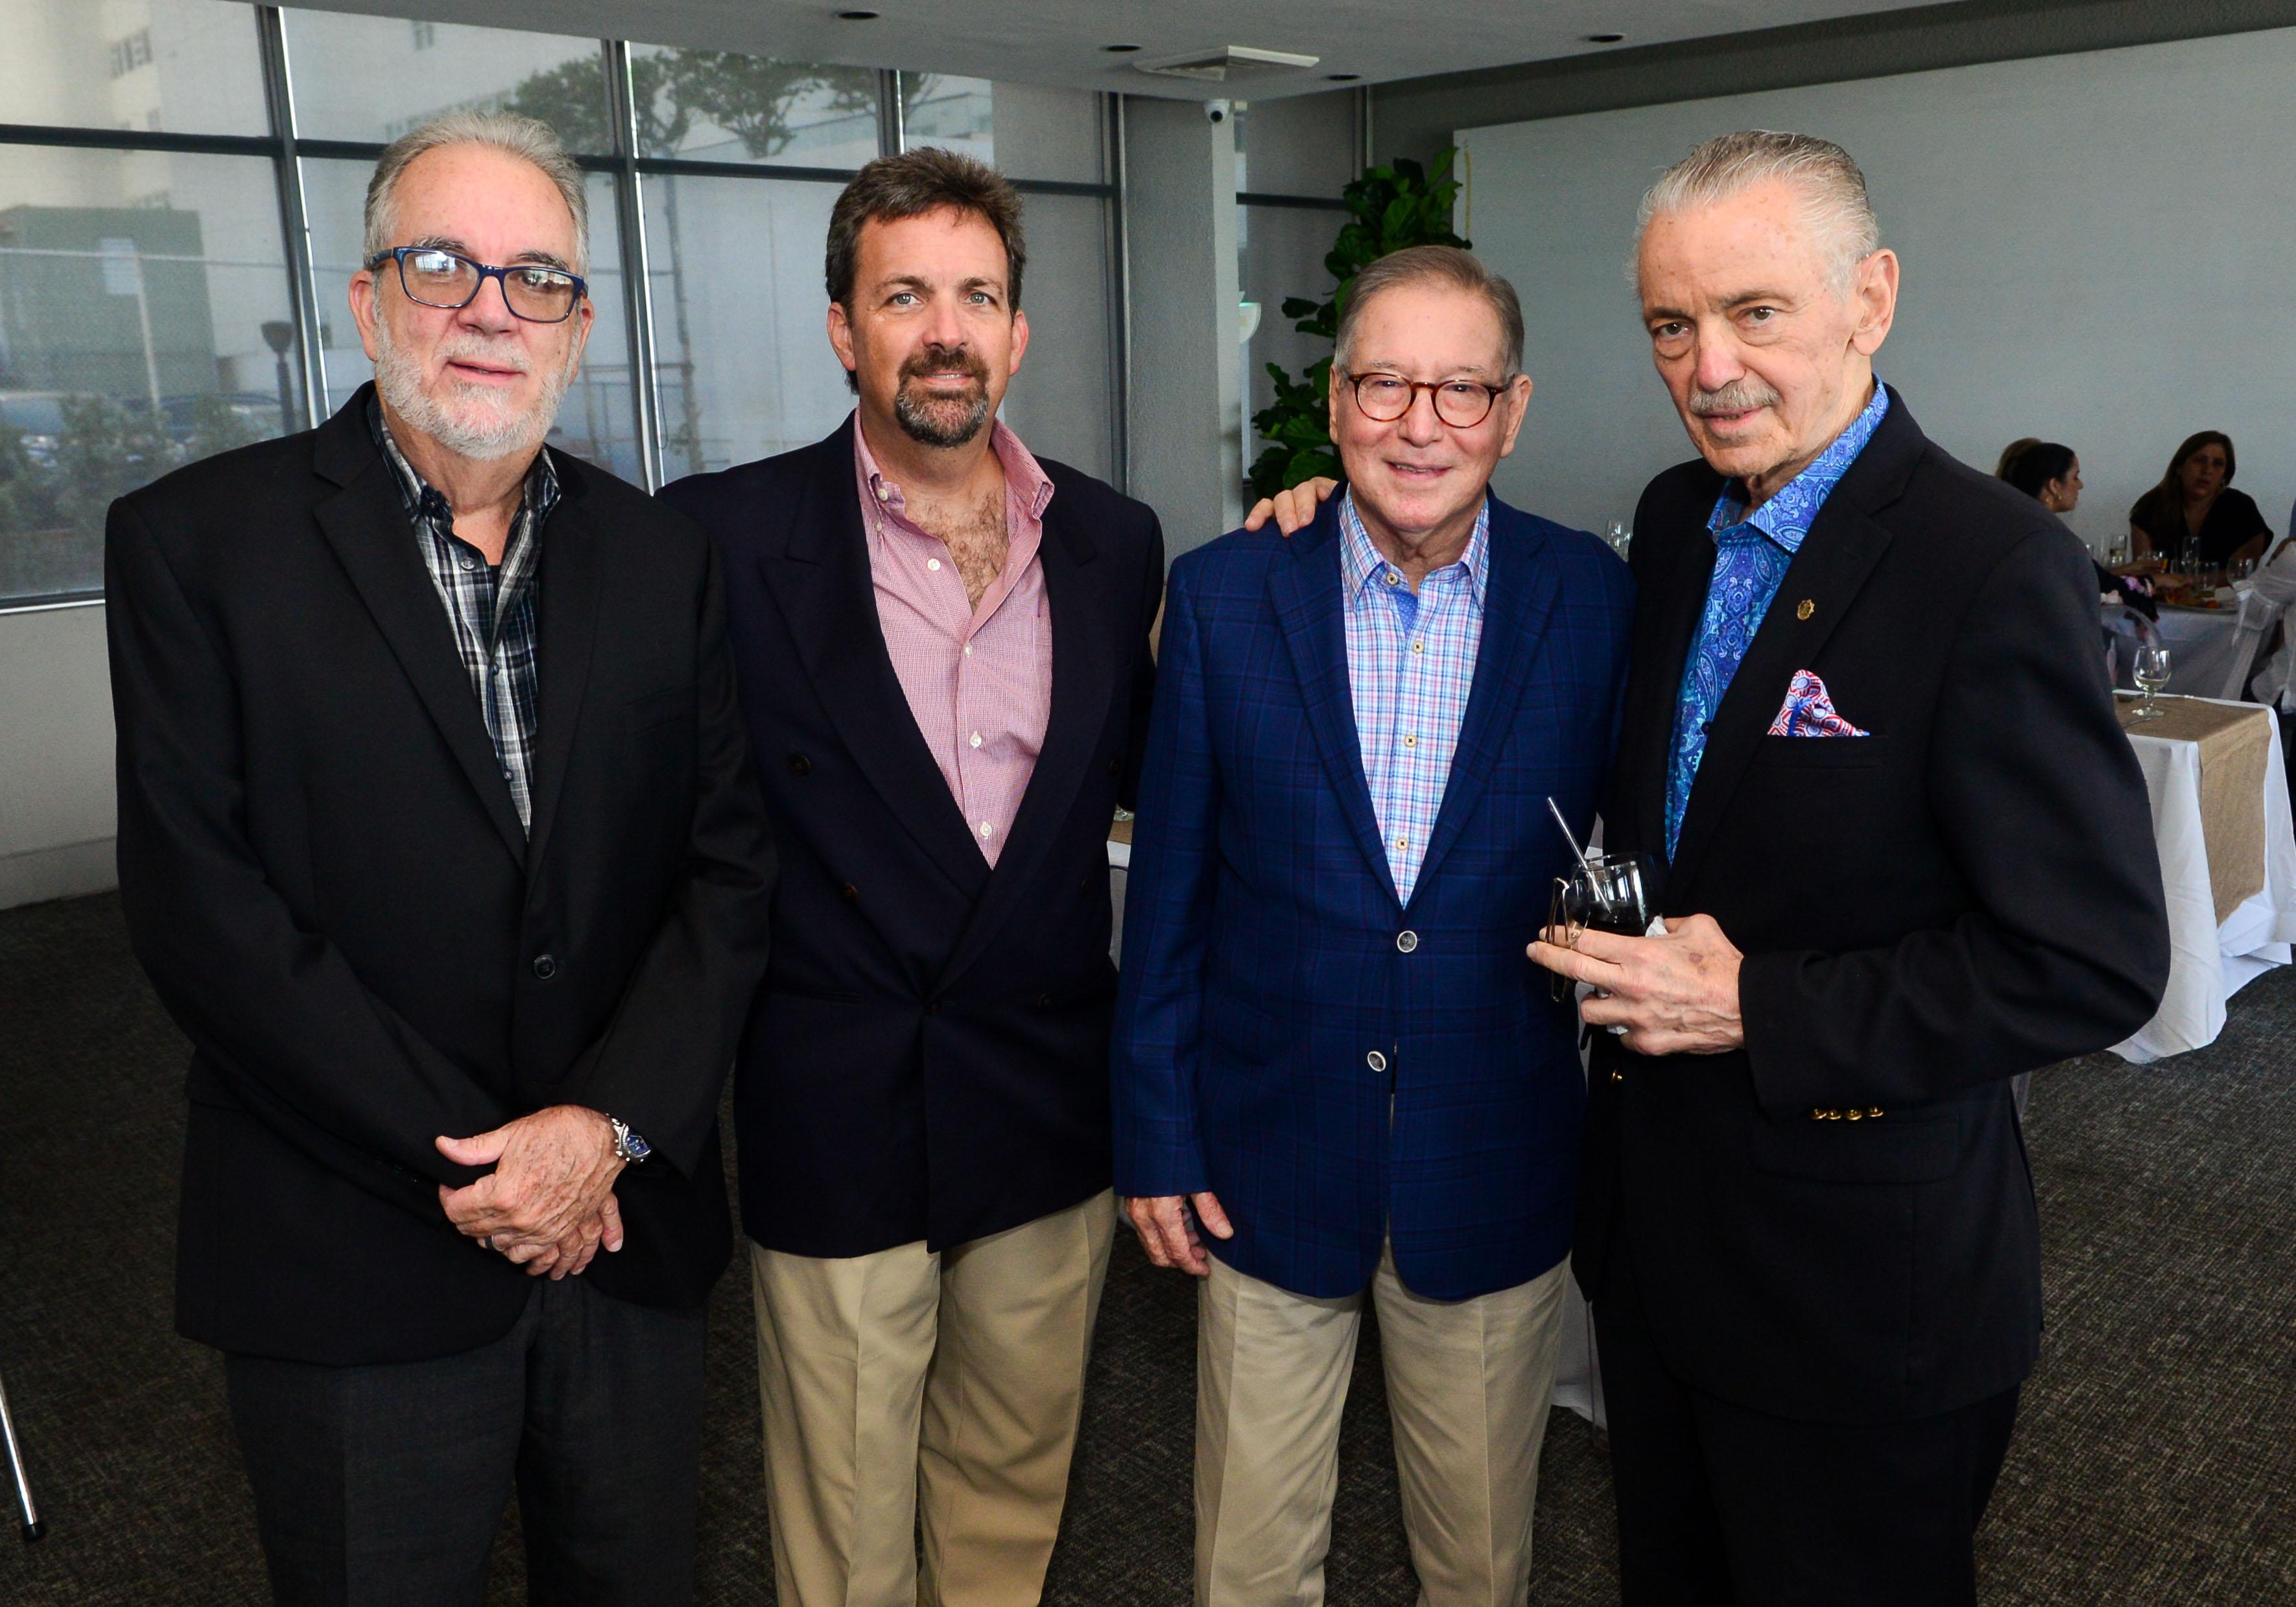 Santiago Gutiérrez, Javier Calderón, Howie De Jesús y Rafael Vizcarrondo. Foto: Enid M. Salgado Mercado.